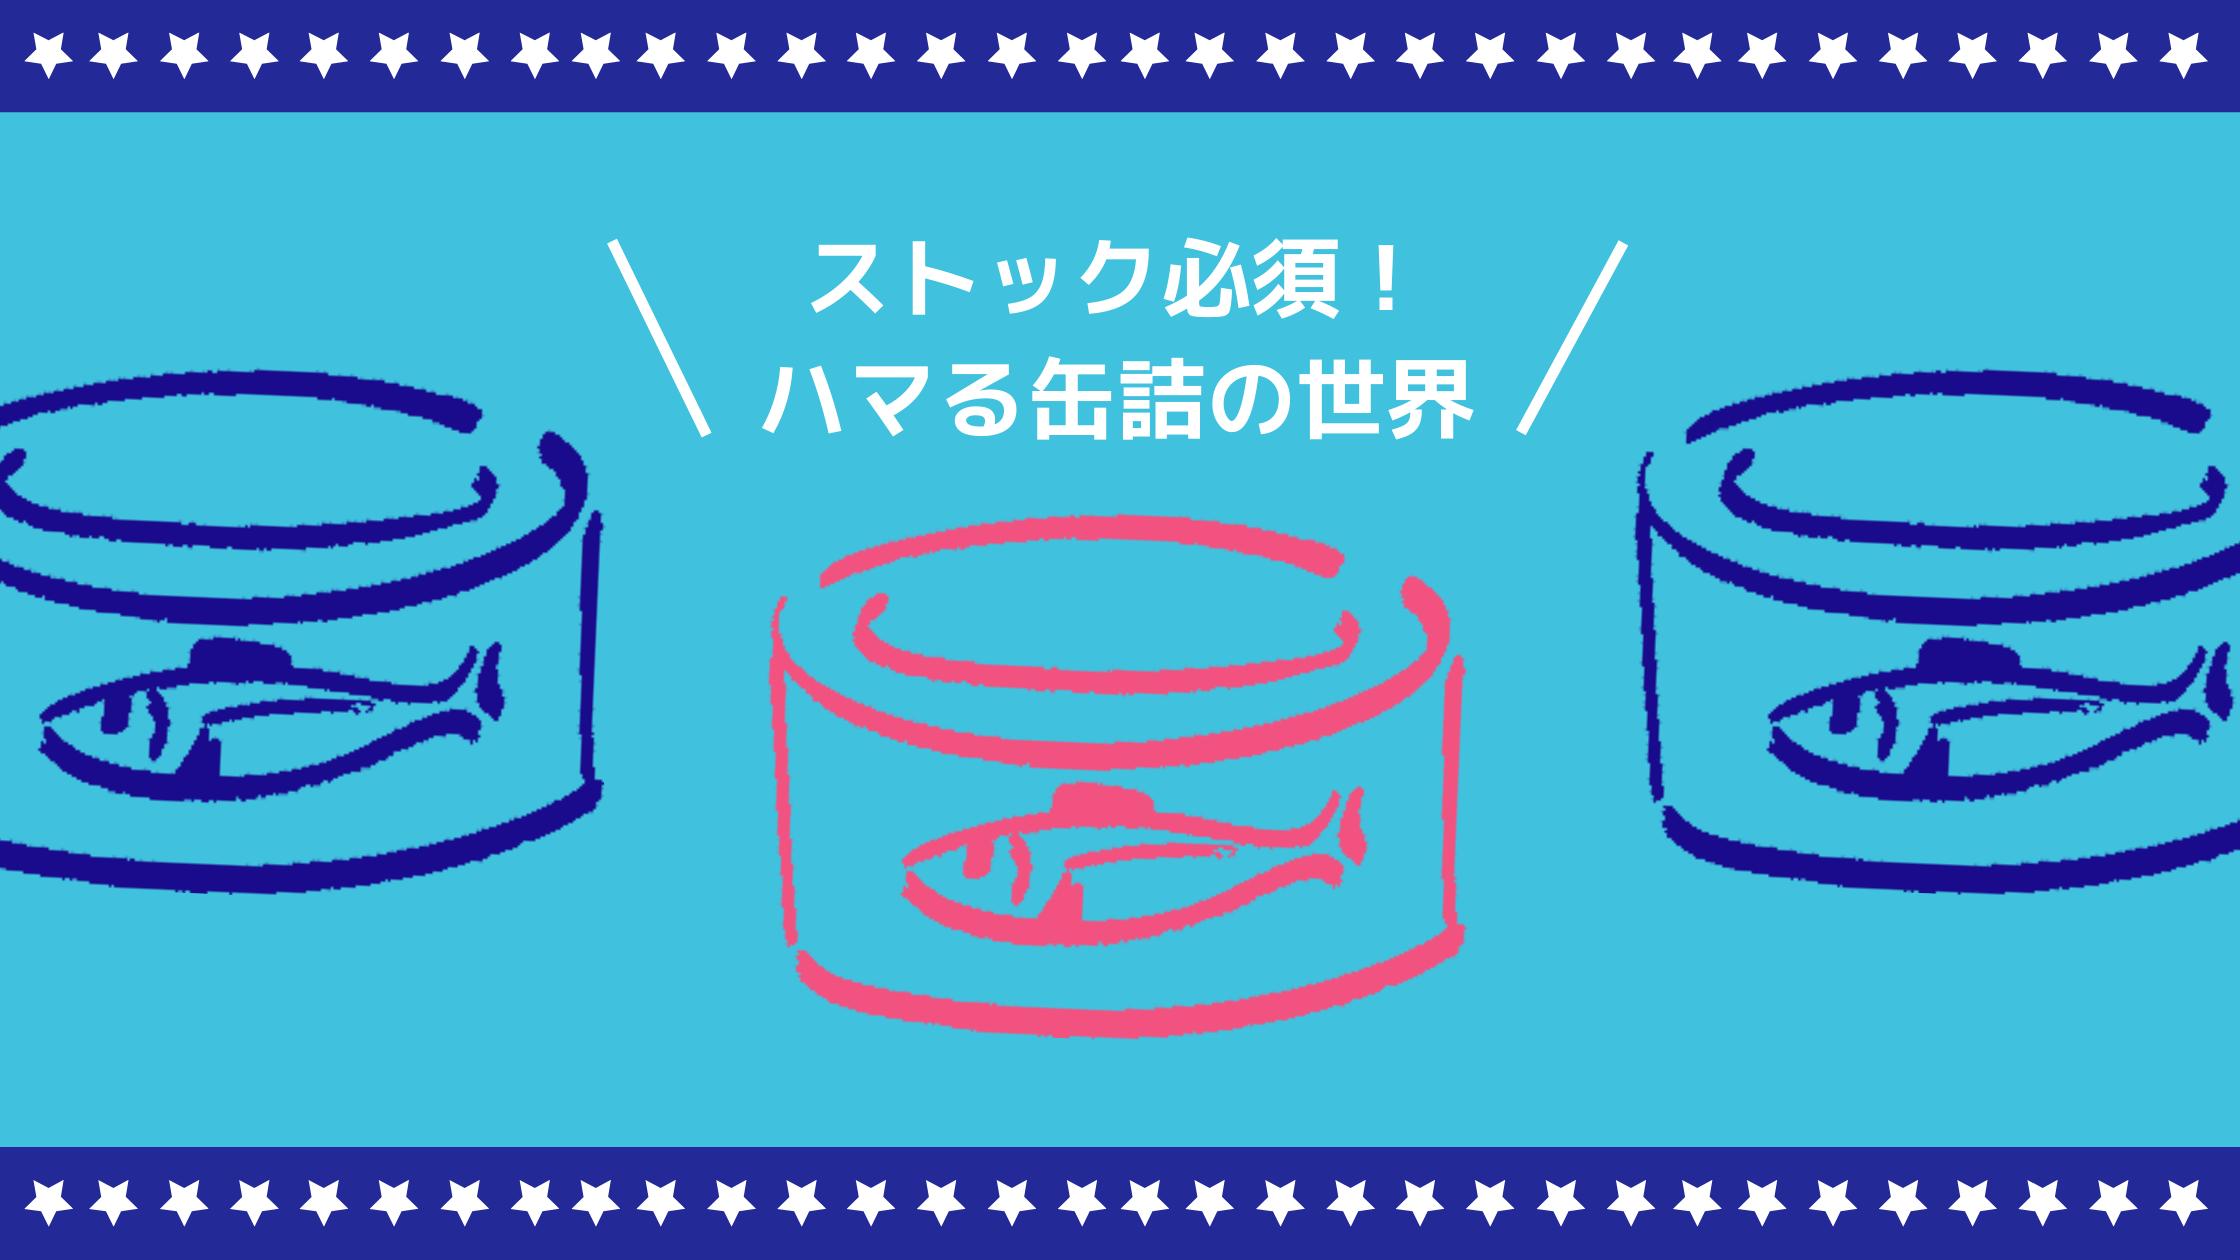 ストック必須!ハマる缶詰の世界